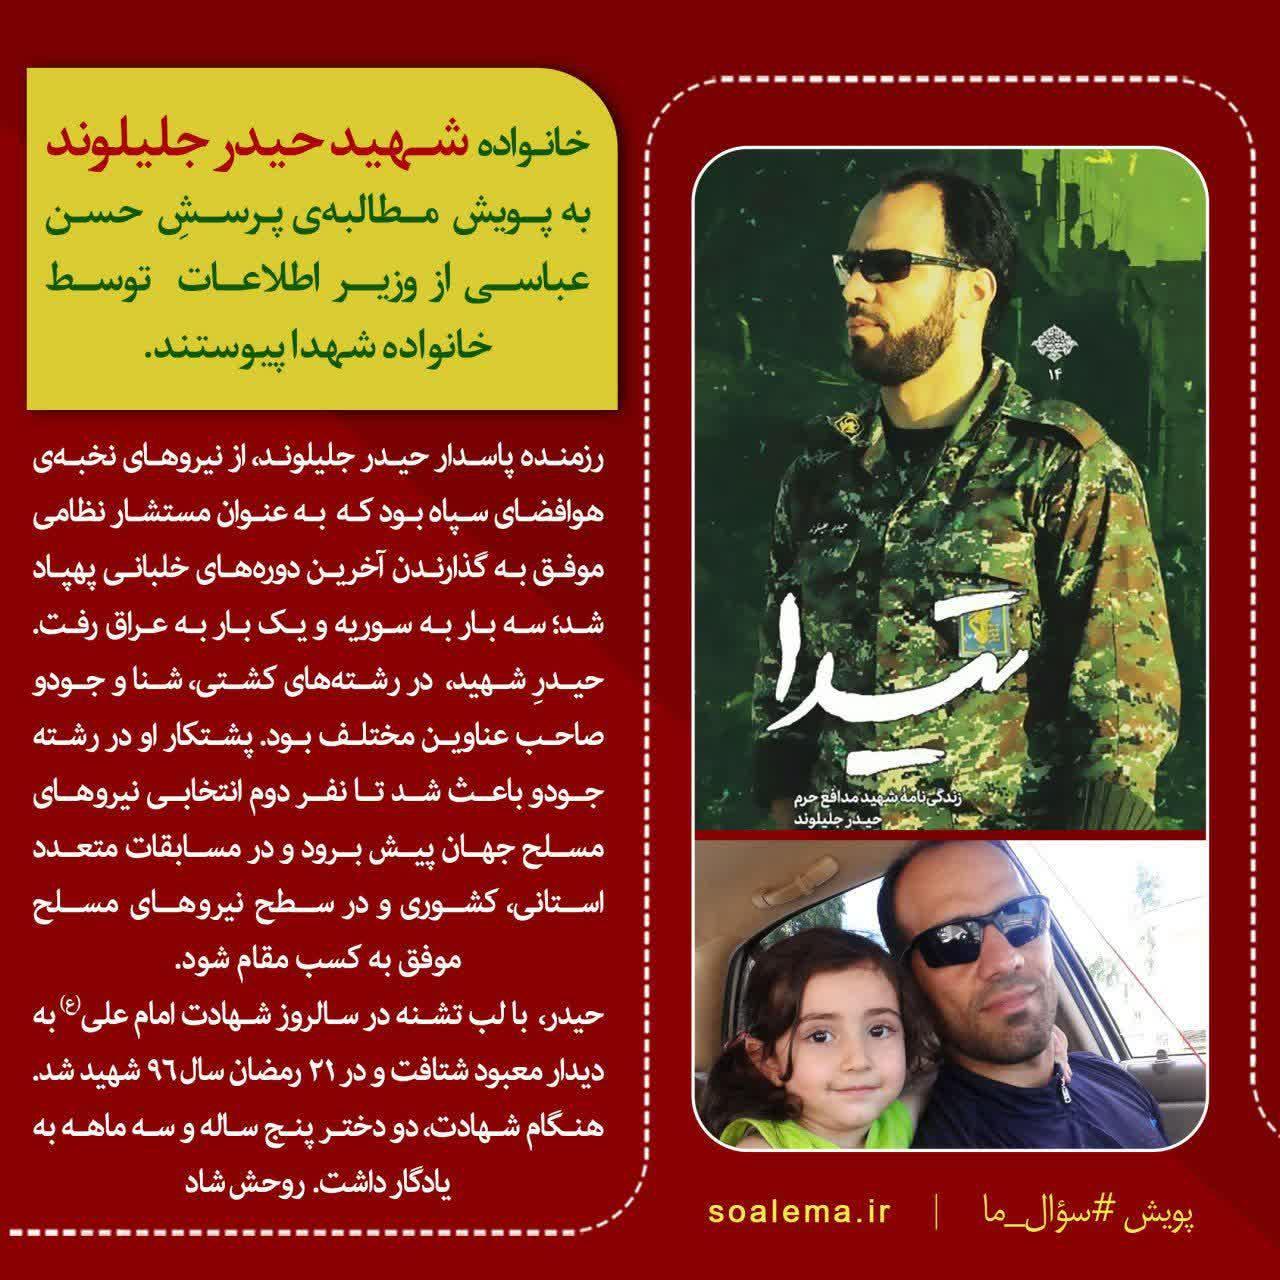 http://dl-abbasi.ir/yekta/1398/Graphic/Shohada/Shakhes20.jpg